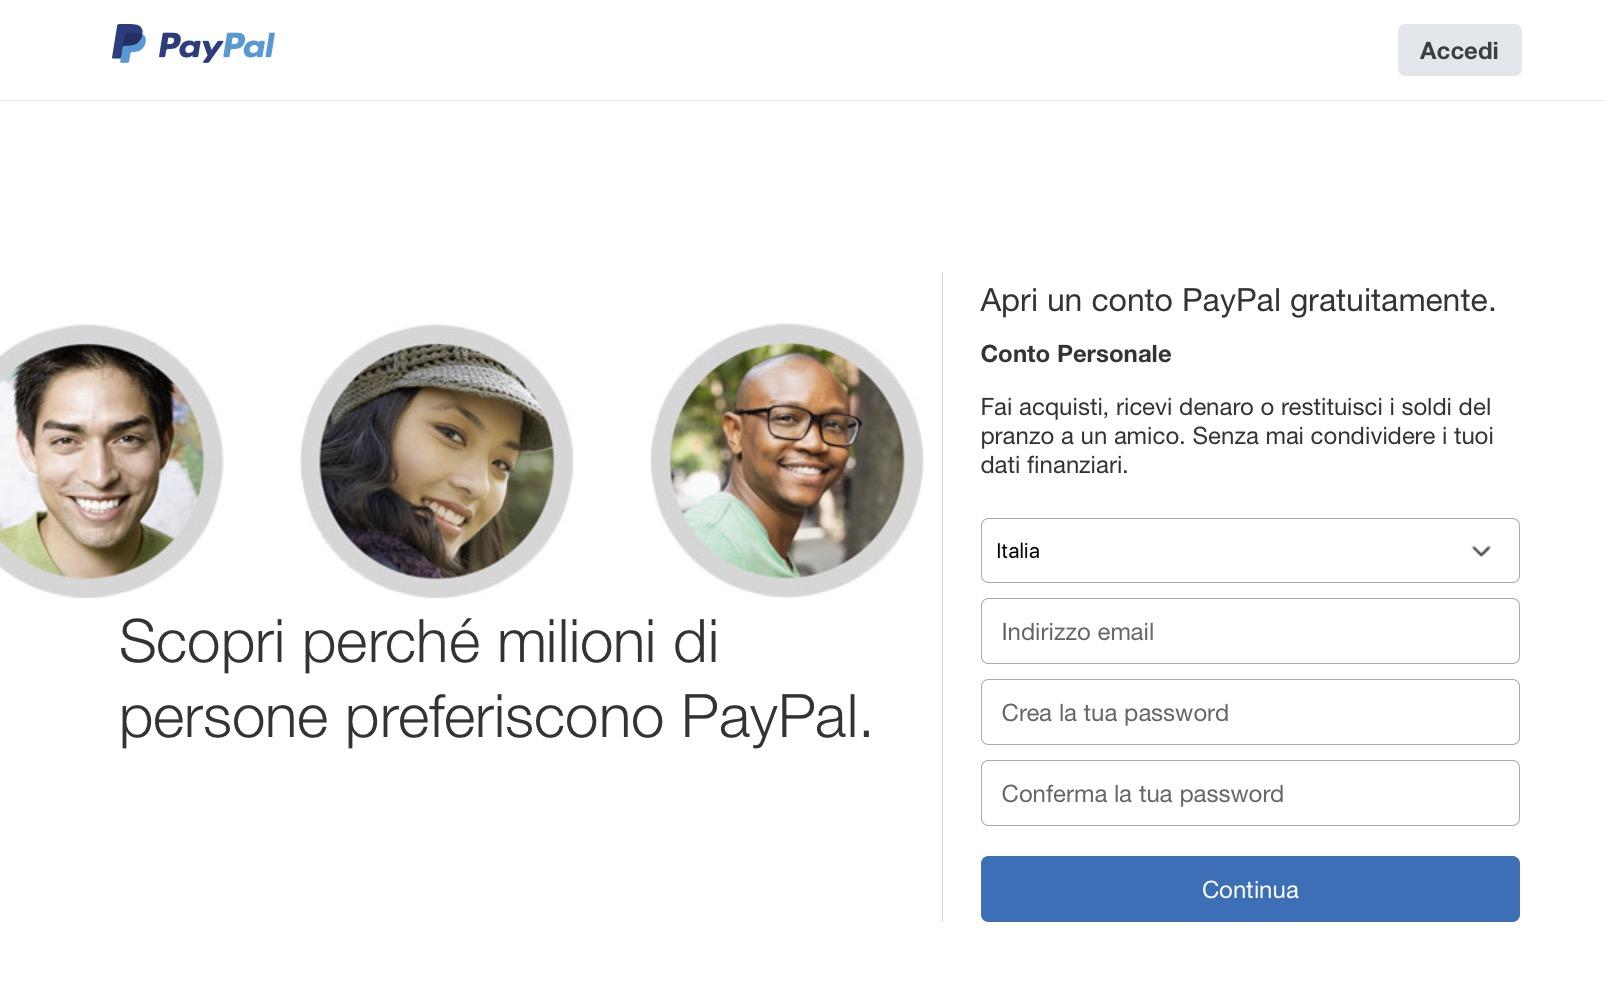 Creare conto PayPal